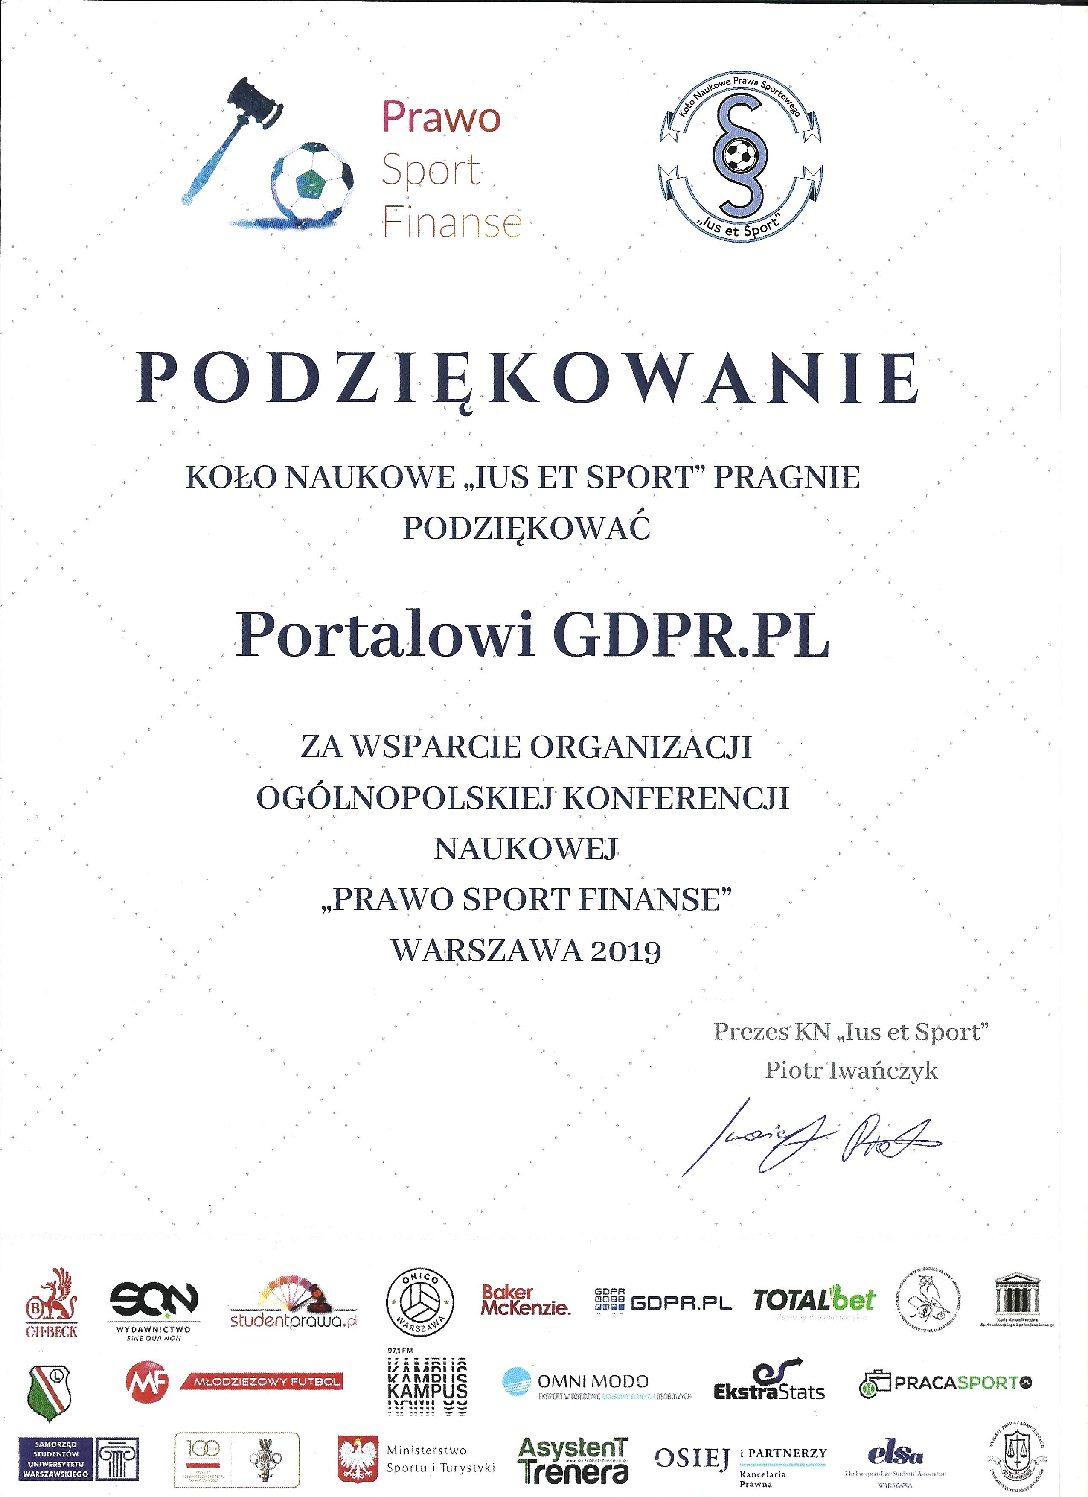 Podziękowanie dla Portalu GDPR. PL